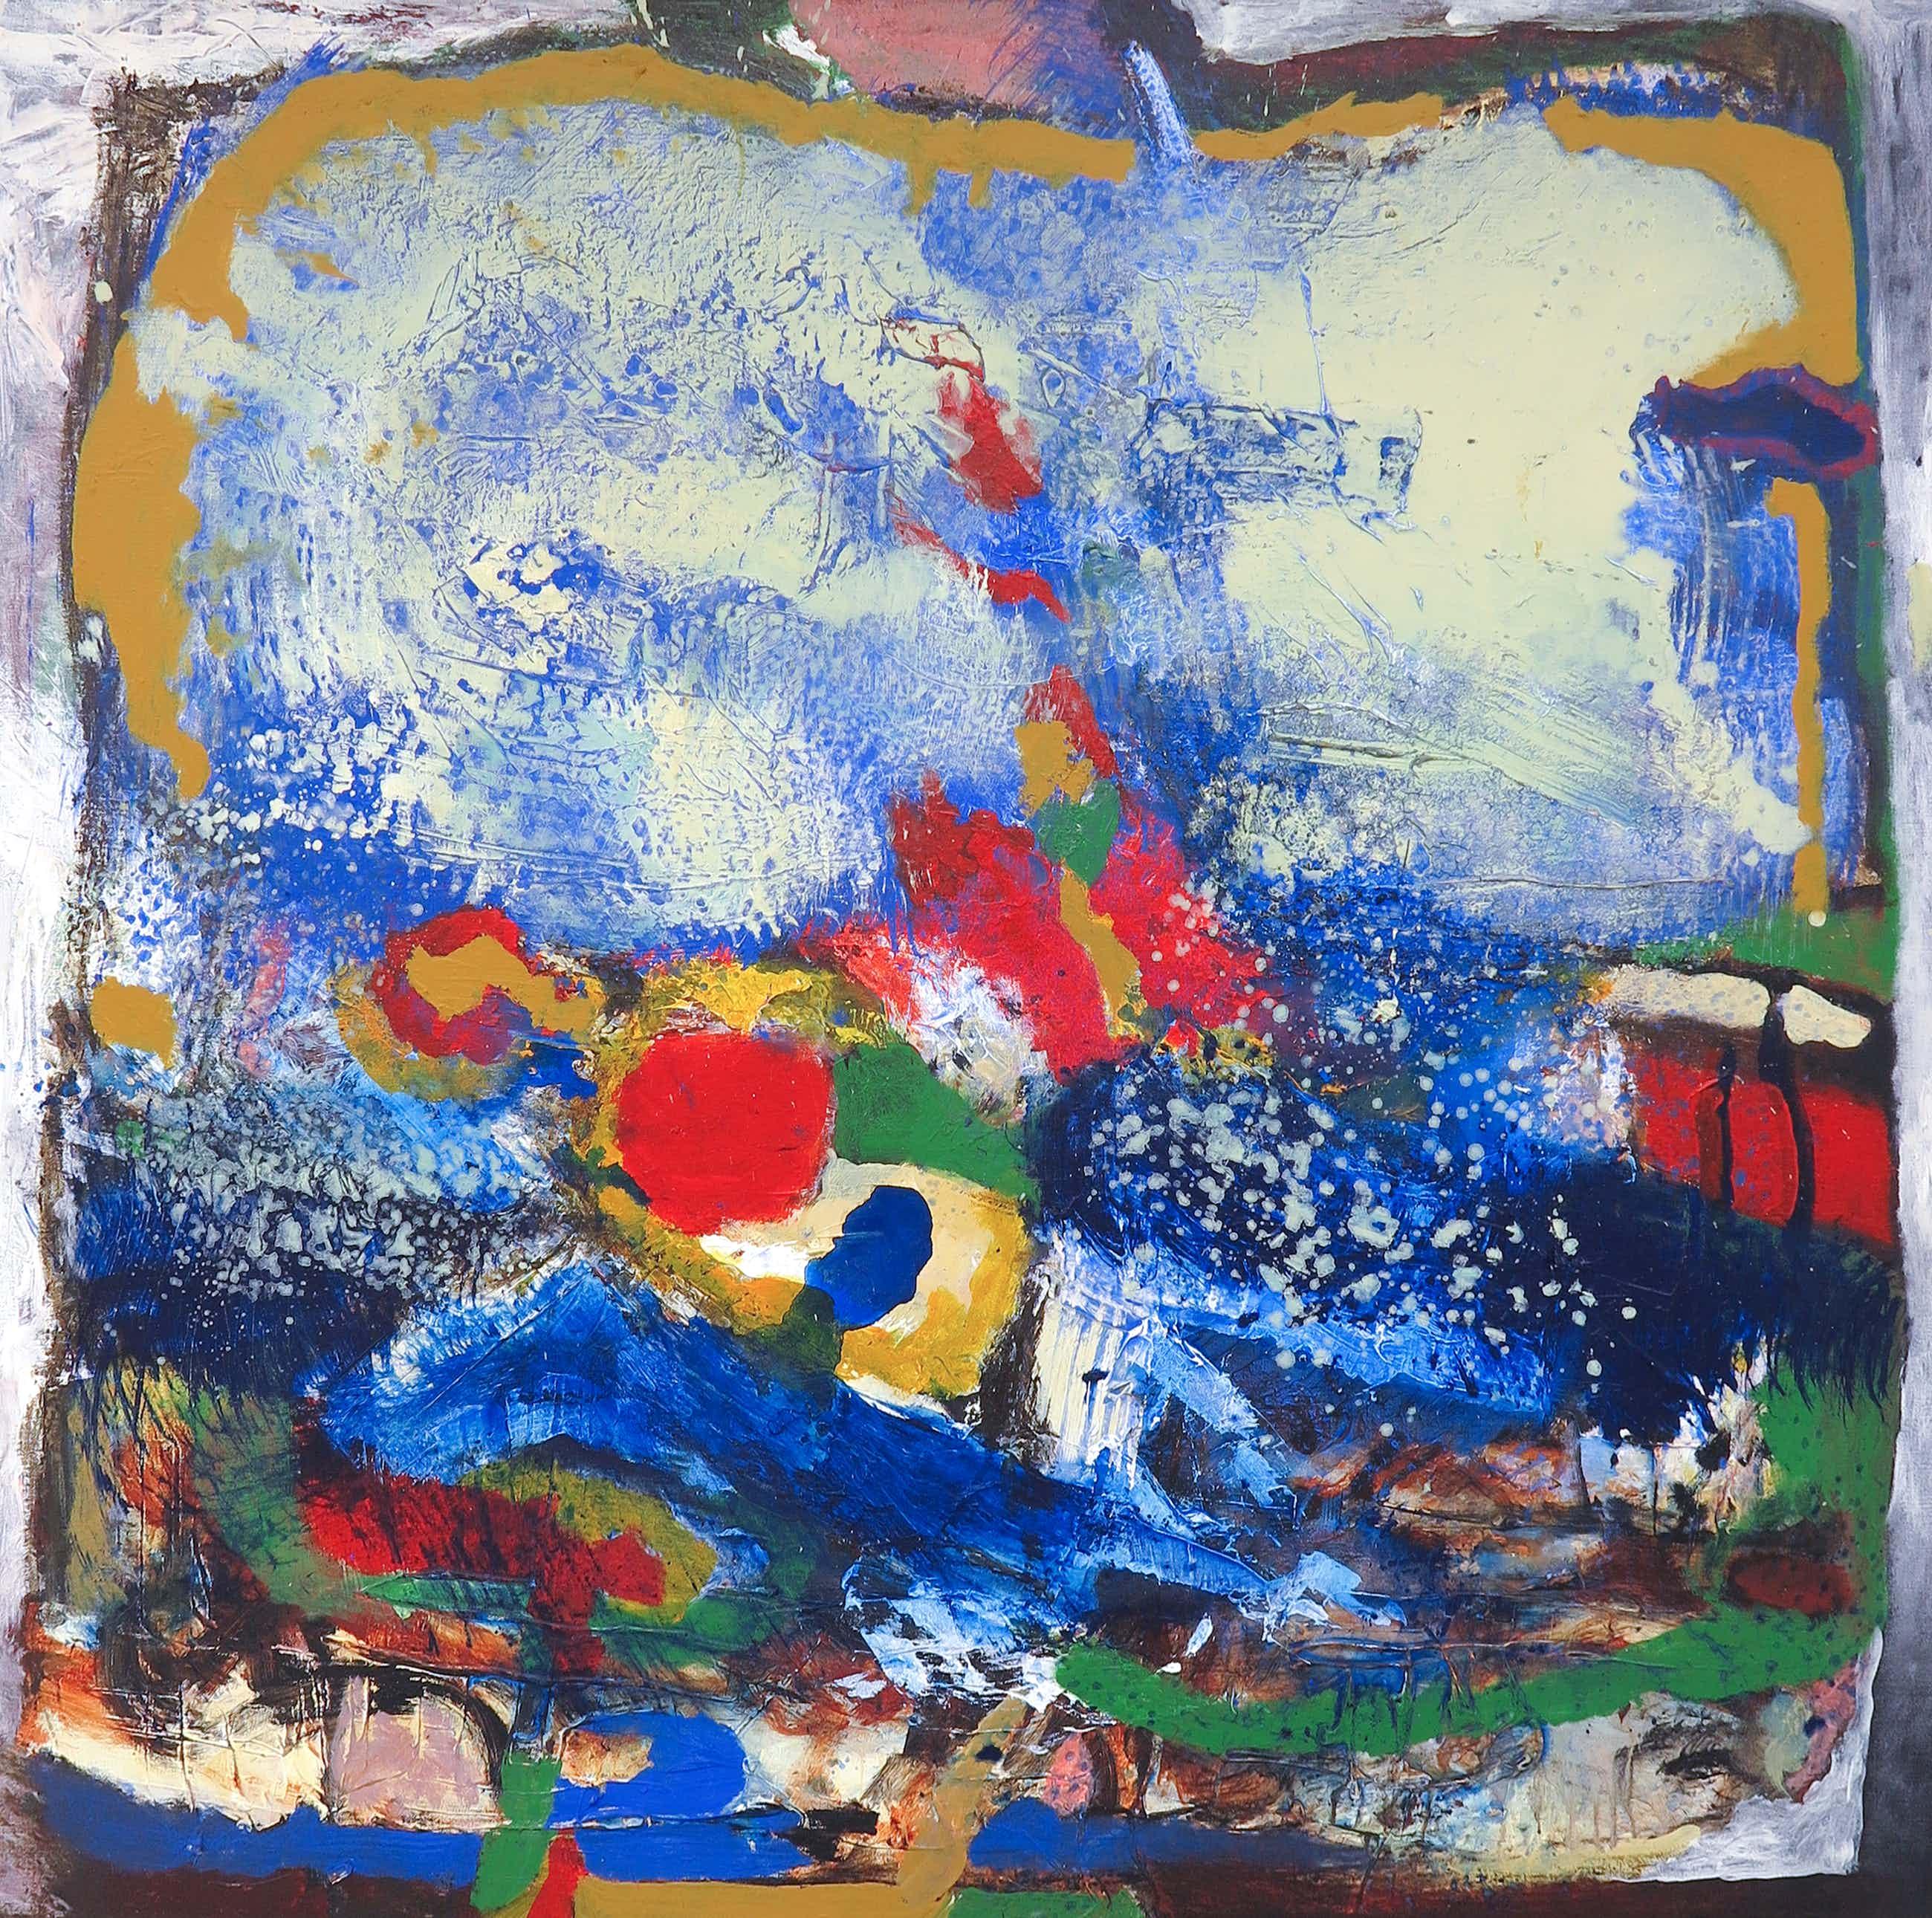 Frans Nicolai - Olieverf op doek, Abstract landschap (Zeer groot) kopen? Bied vanaf 125!